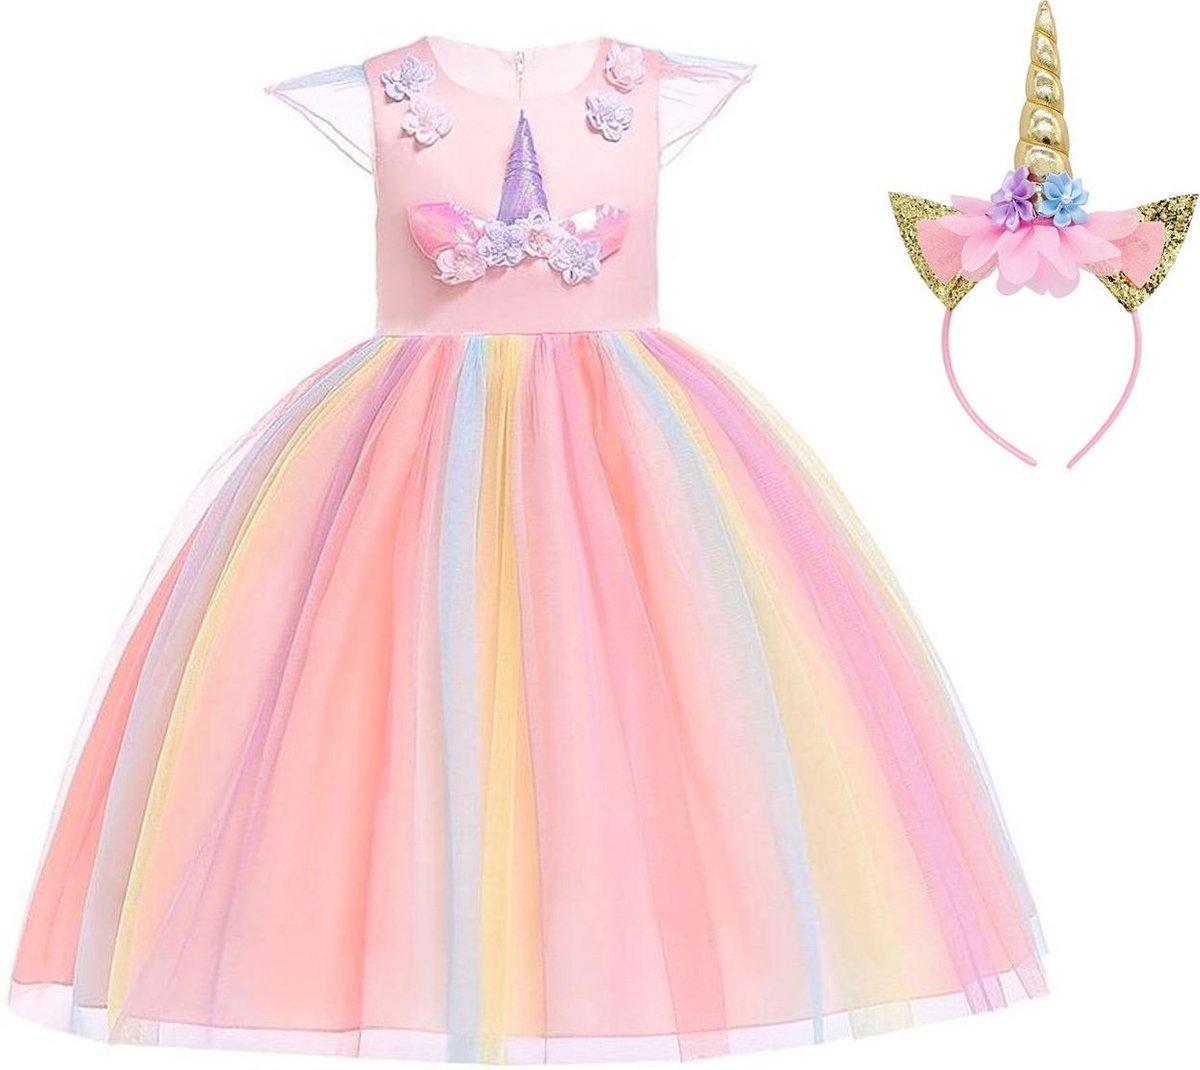 Eenhoorn jurk unicorn jurk eenhoorn kostuum - roze Classic 116-122 (120) prinsessen jurk verkleedjur